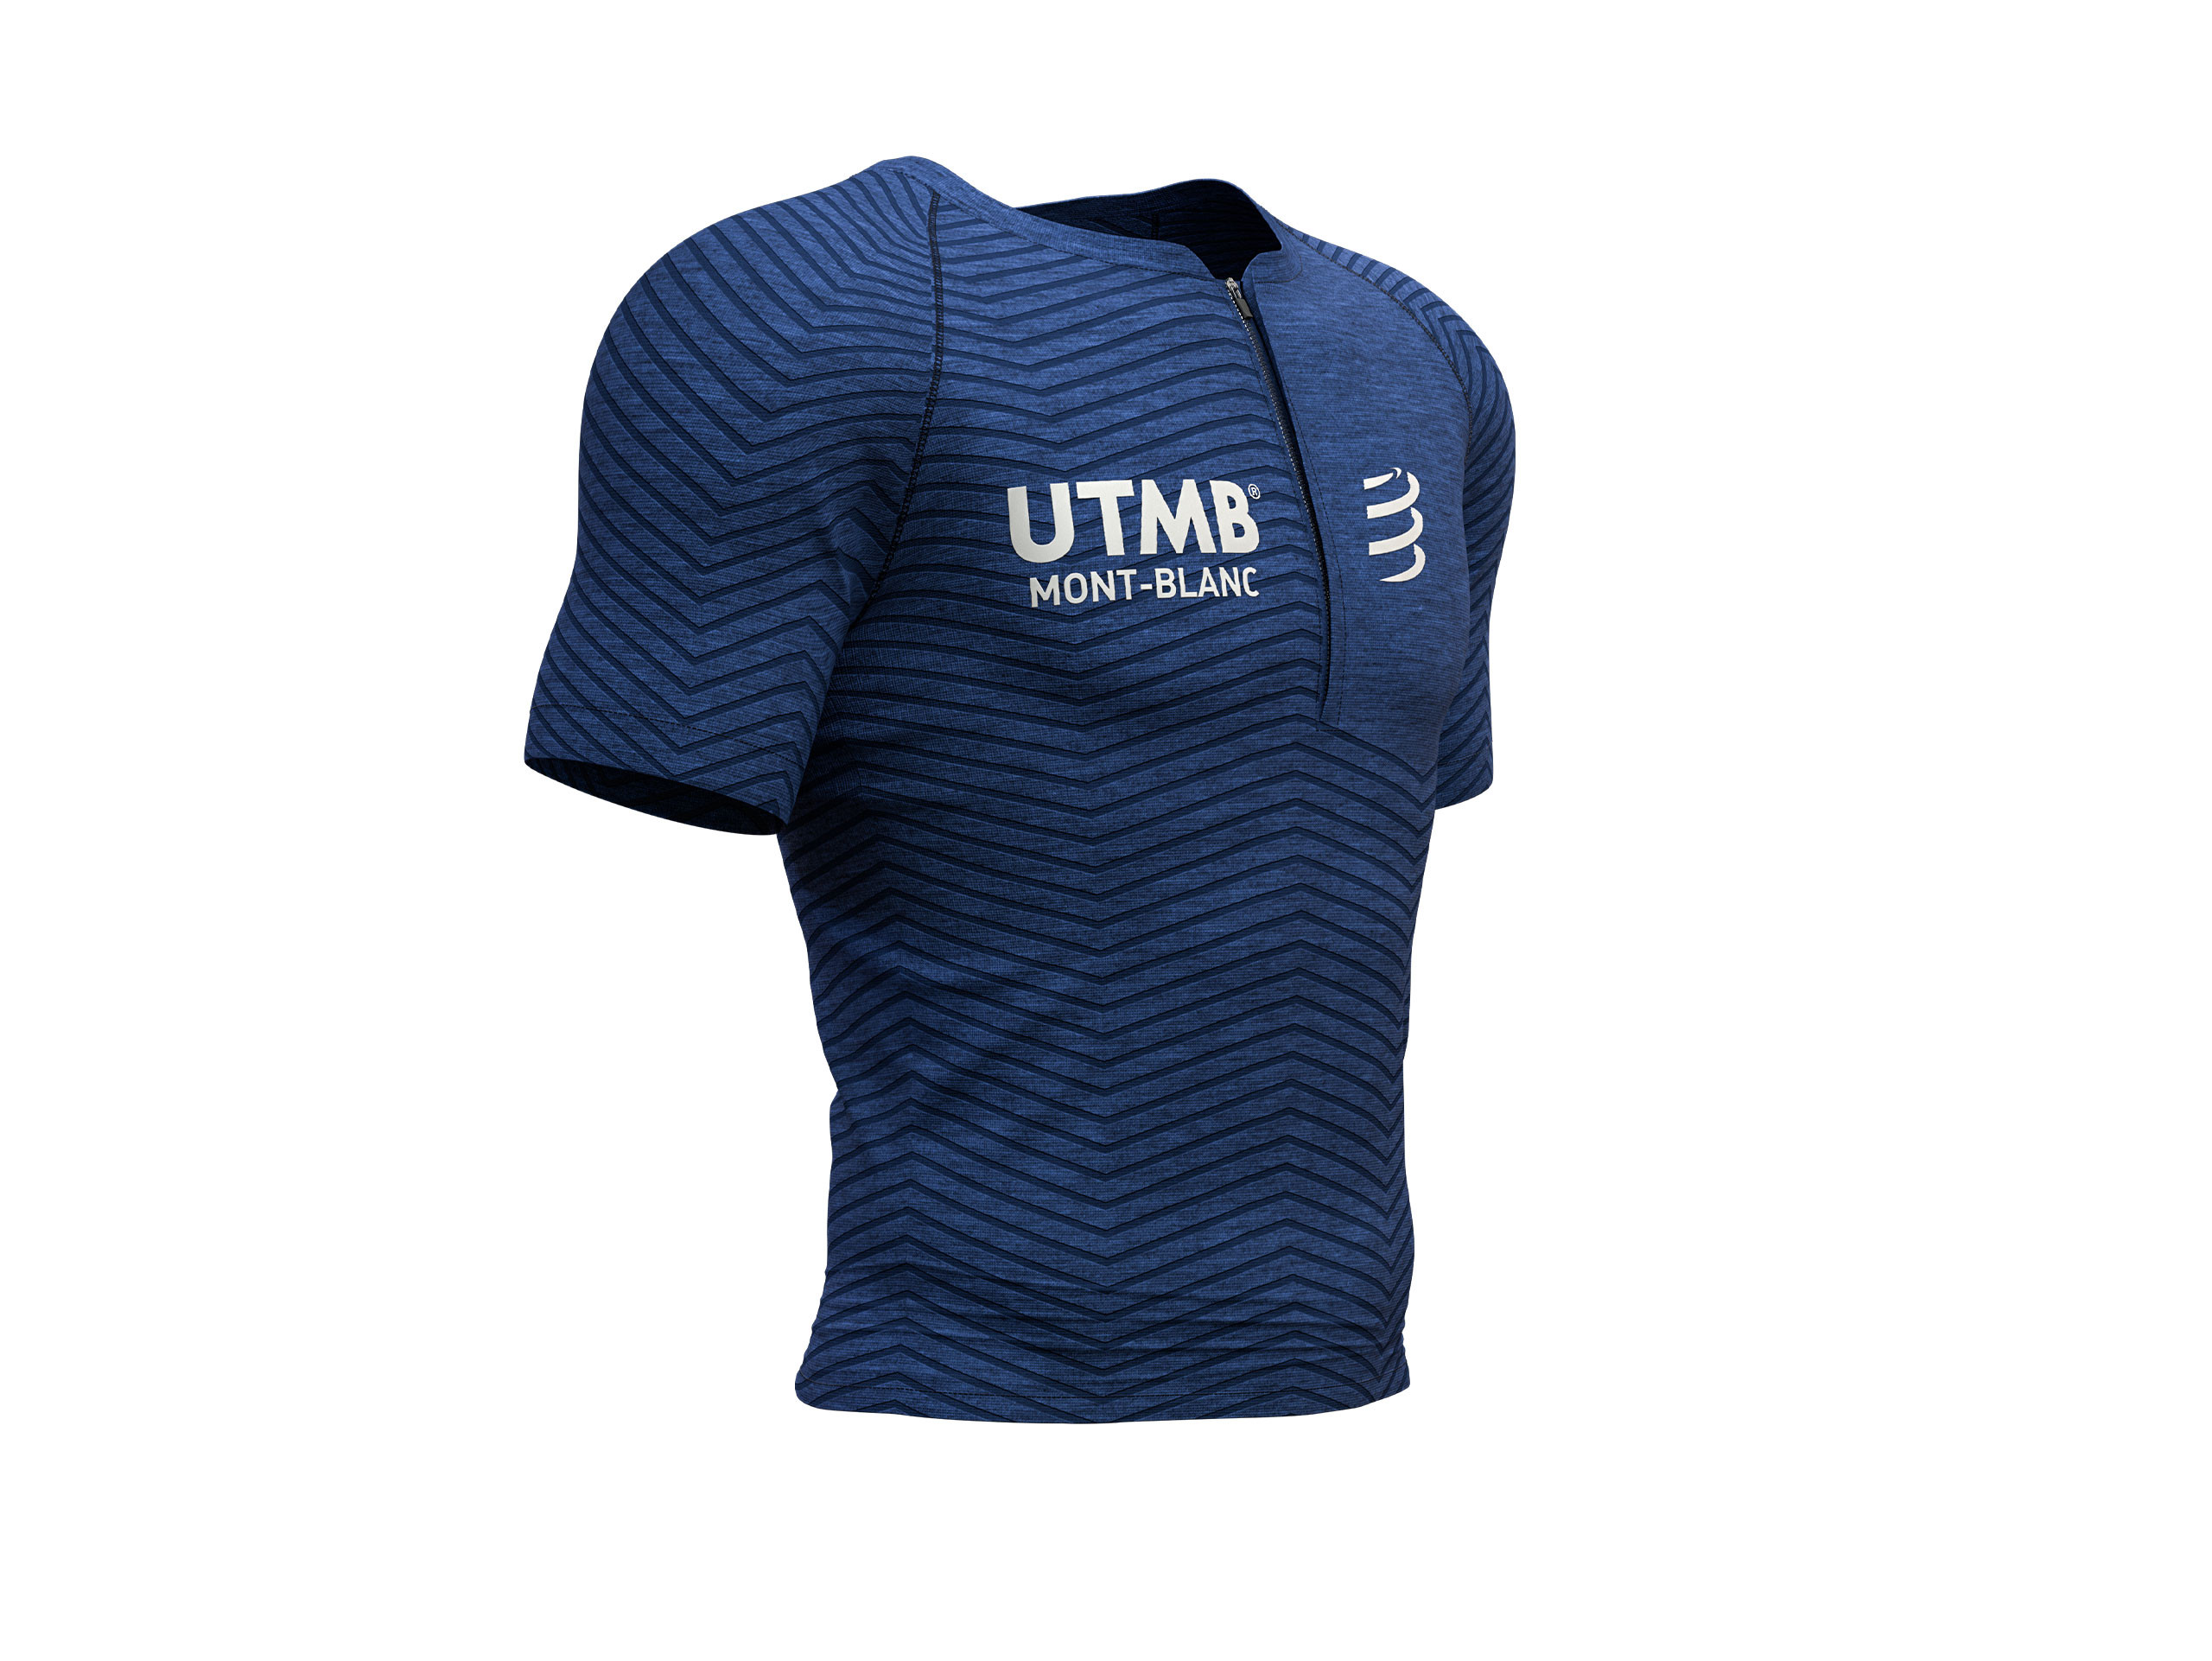 Ultra-Trail Postural SS Top - UTMB® 2019